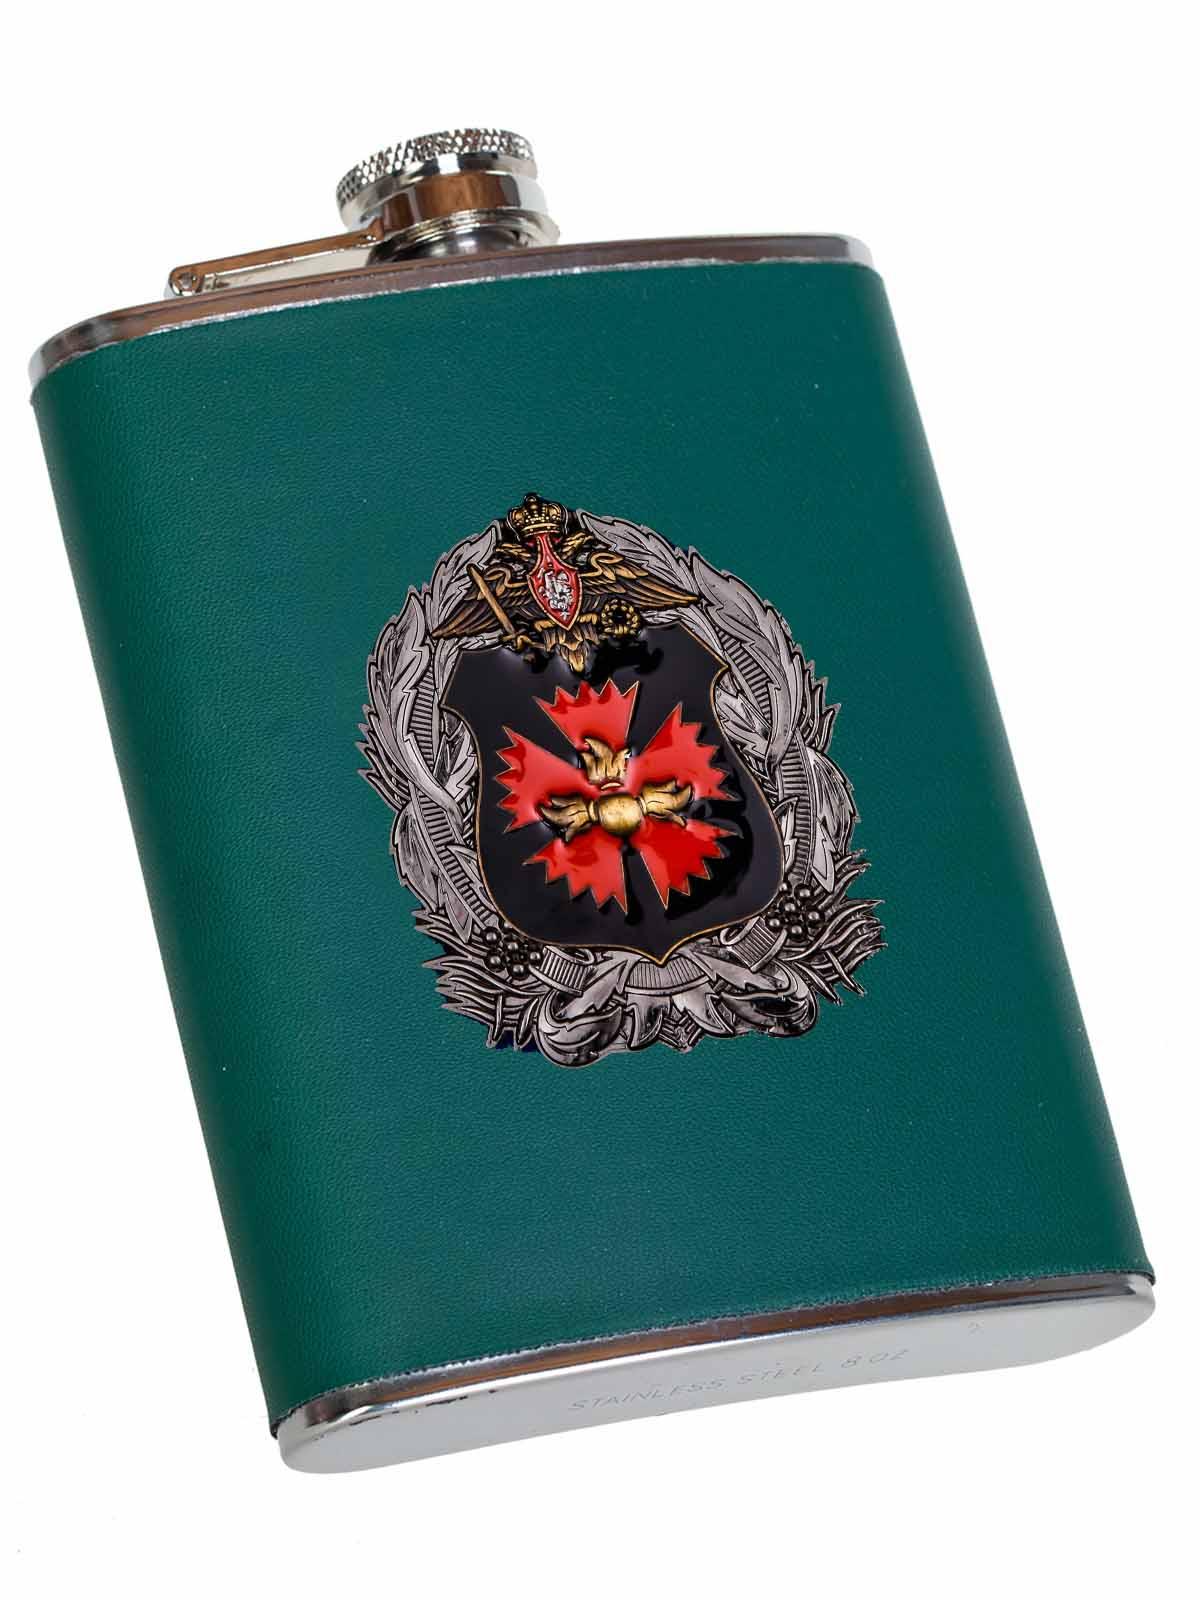 Фляжка в коже с металлической эмблемой ГУ ГШ ВС РФ недорого